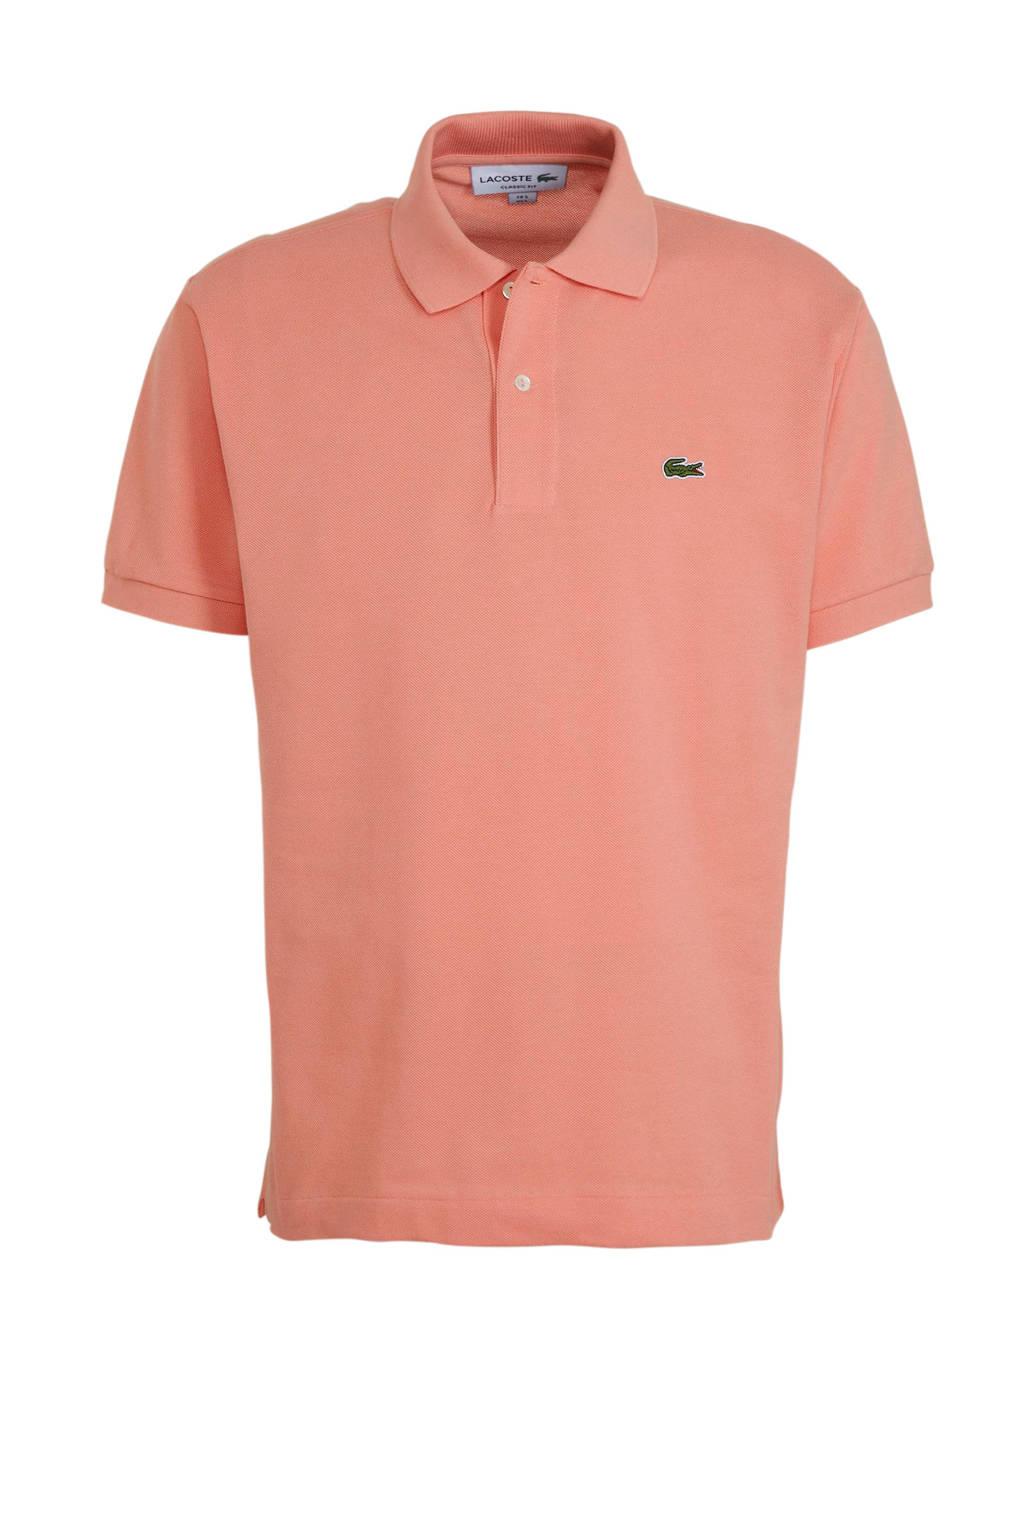 Lacoste regular fit polo met logo roze, Roze